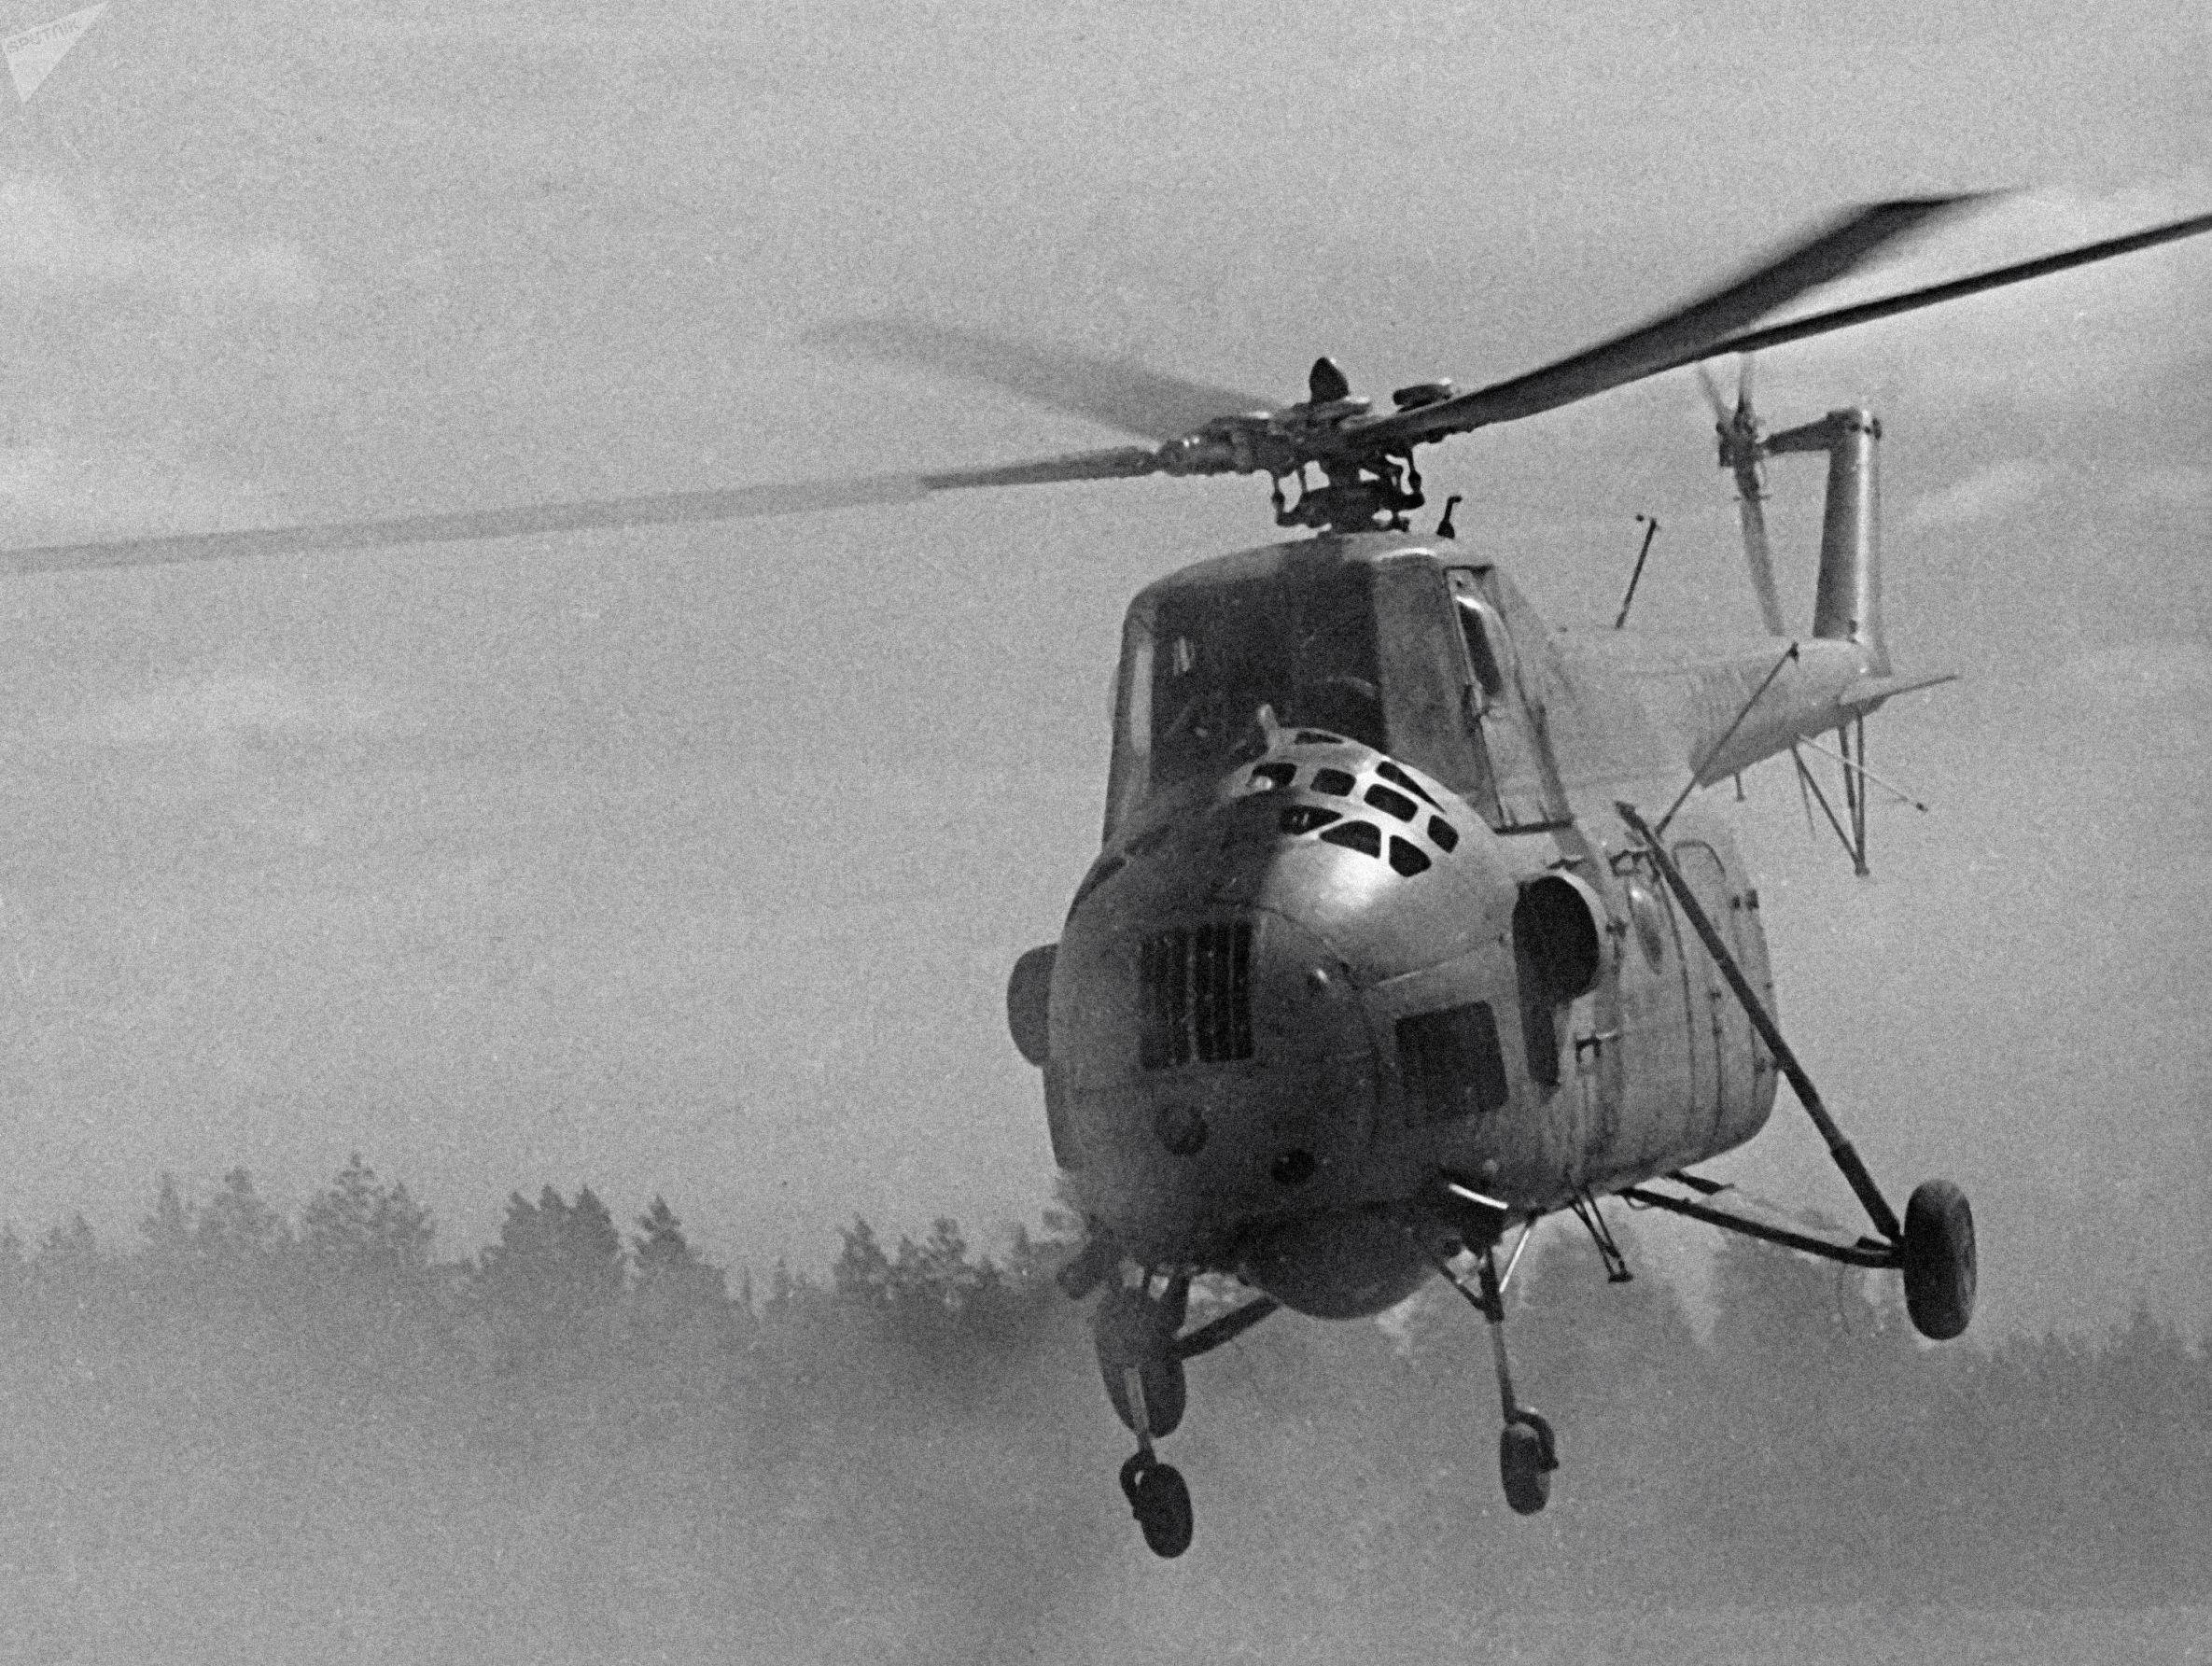 El Mi-4 fue el primer helicóptero de transporte militar de las Fuerzas Armadas de la URSS.